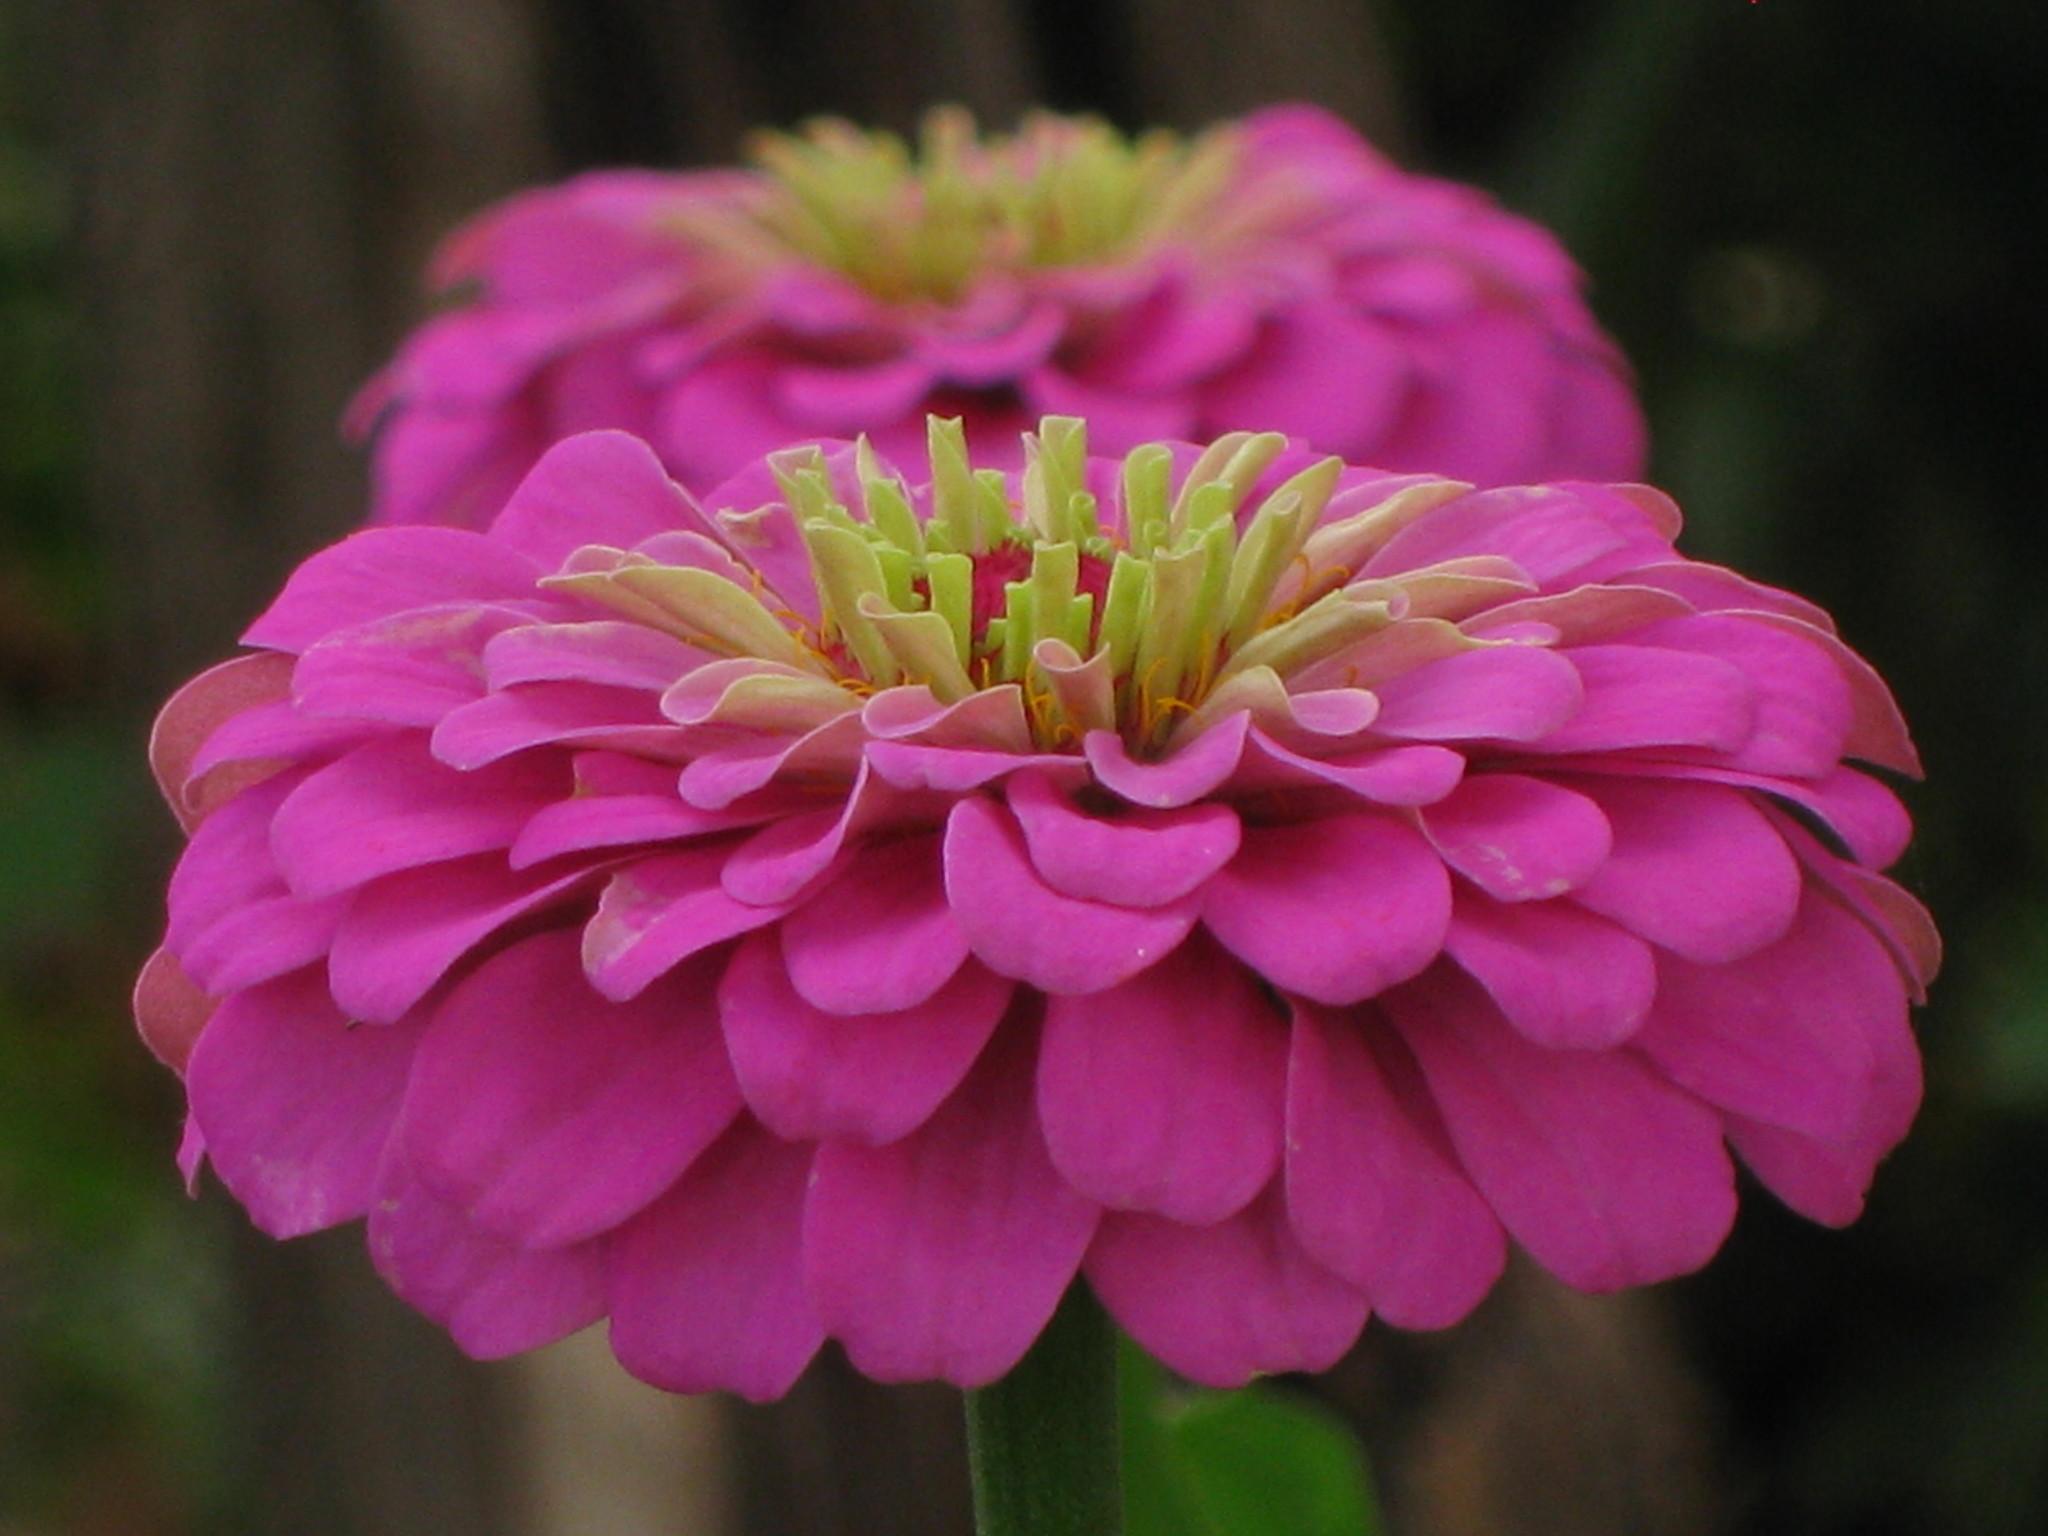 шримс шарнира цветы панычи фото привлекательней